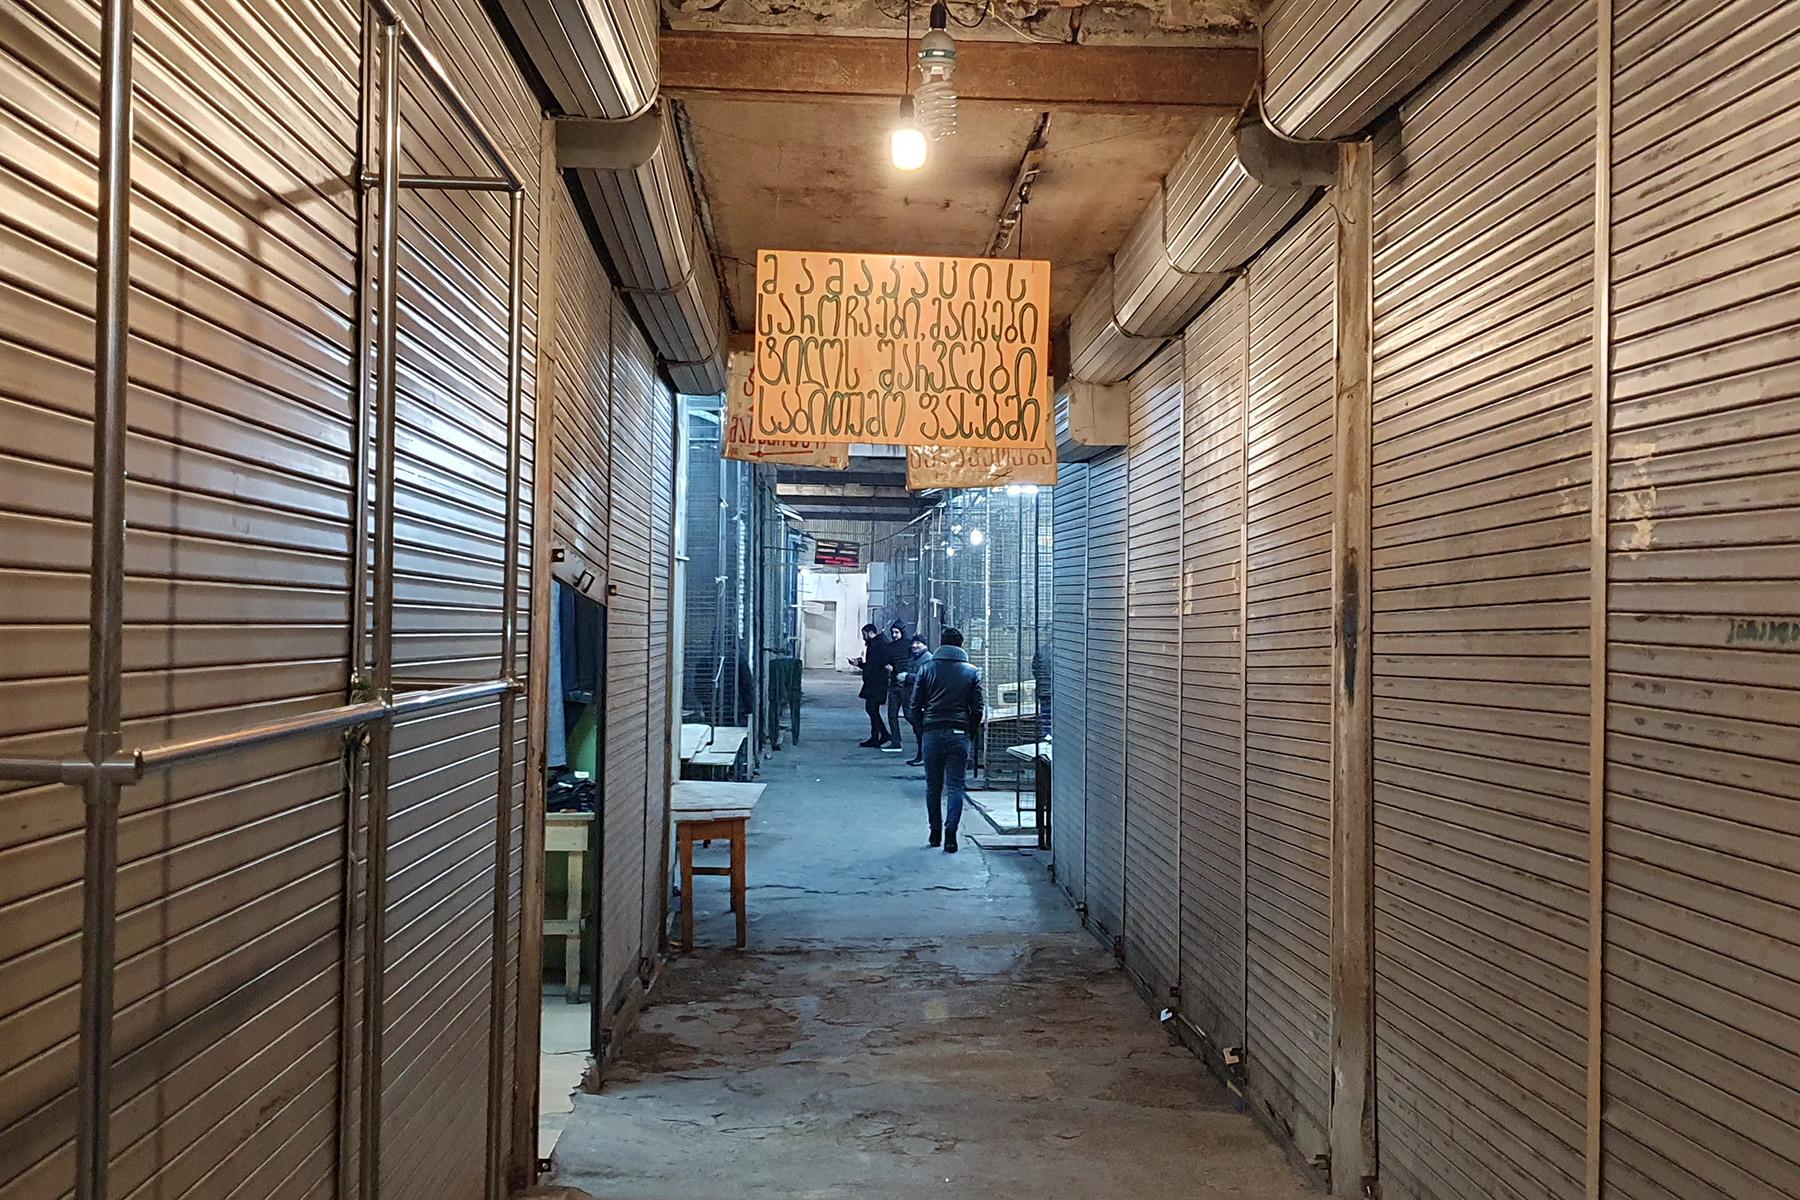 Многие павильоны закрыты. Фото: Доминик К. Кагара/OC Media.